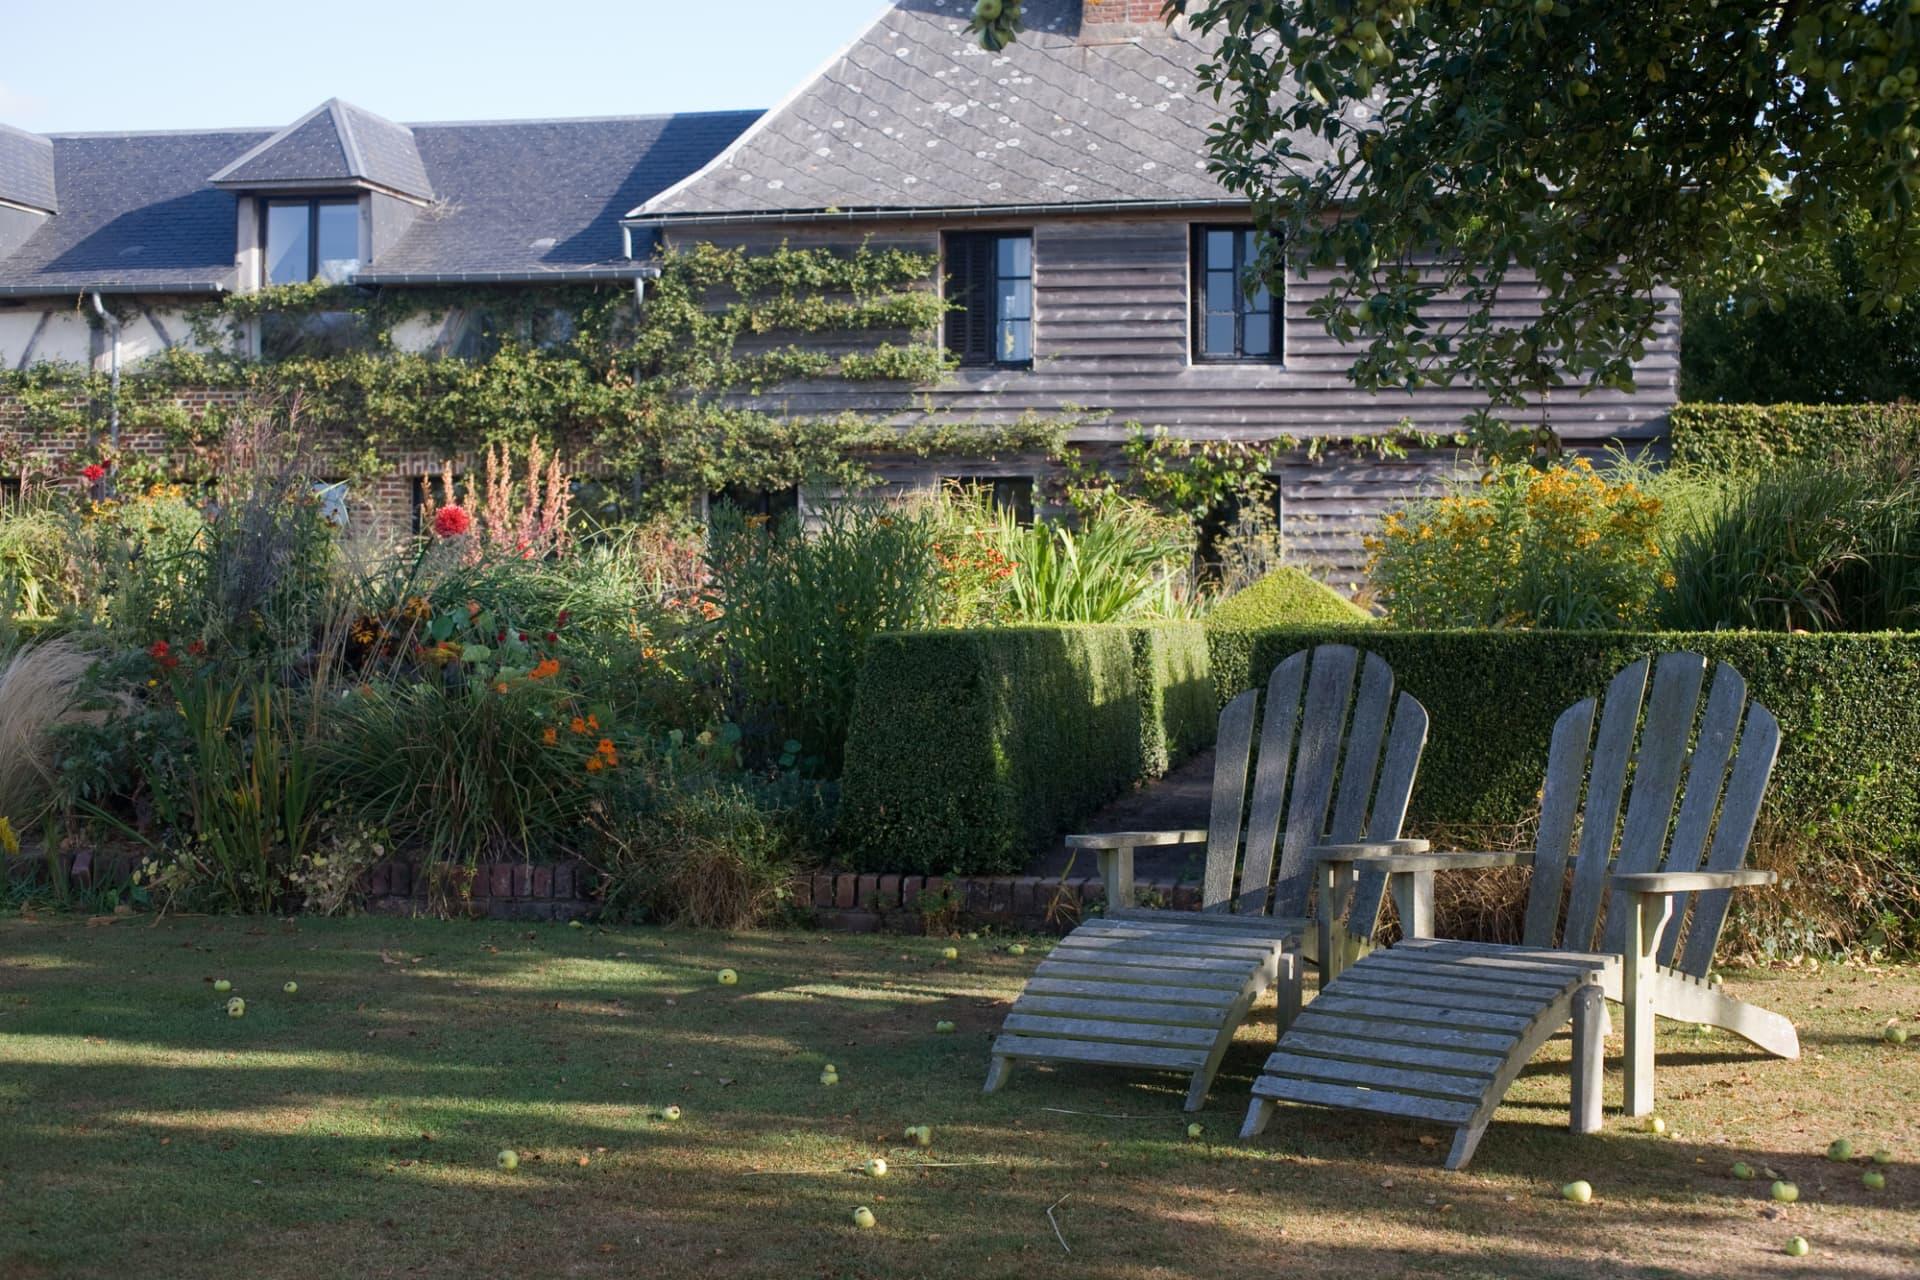 Vilt och vacker i sommaträdgården framför bostadshuset.